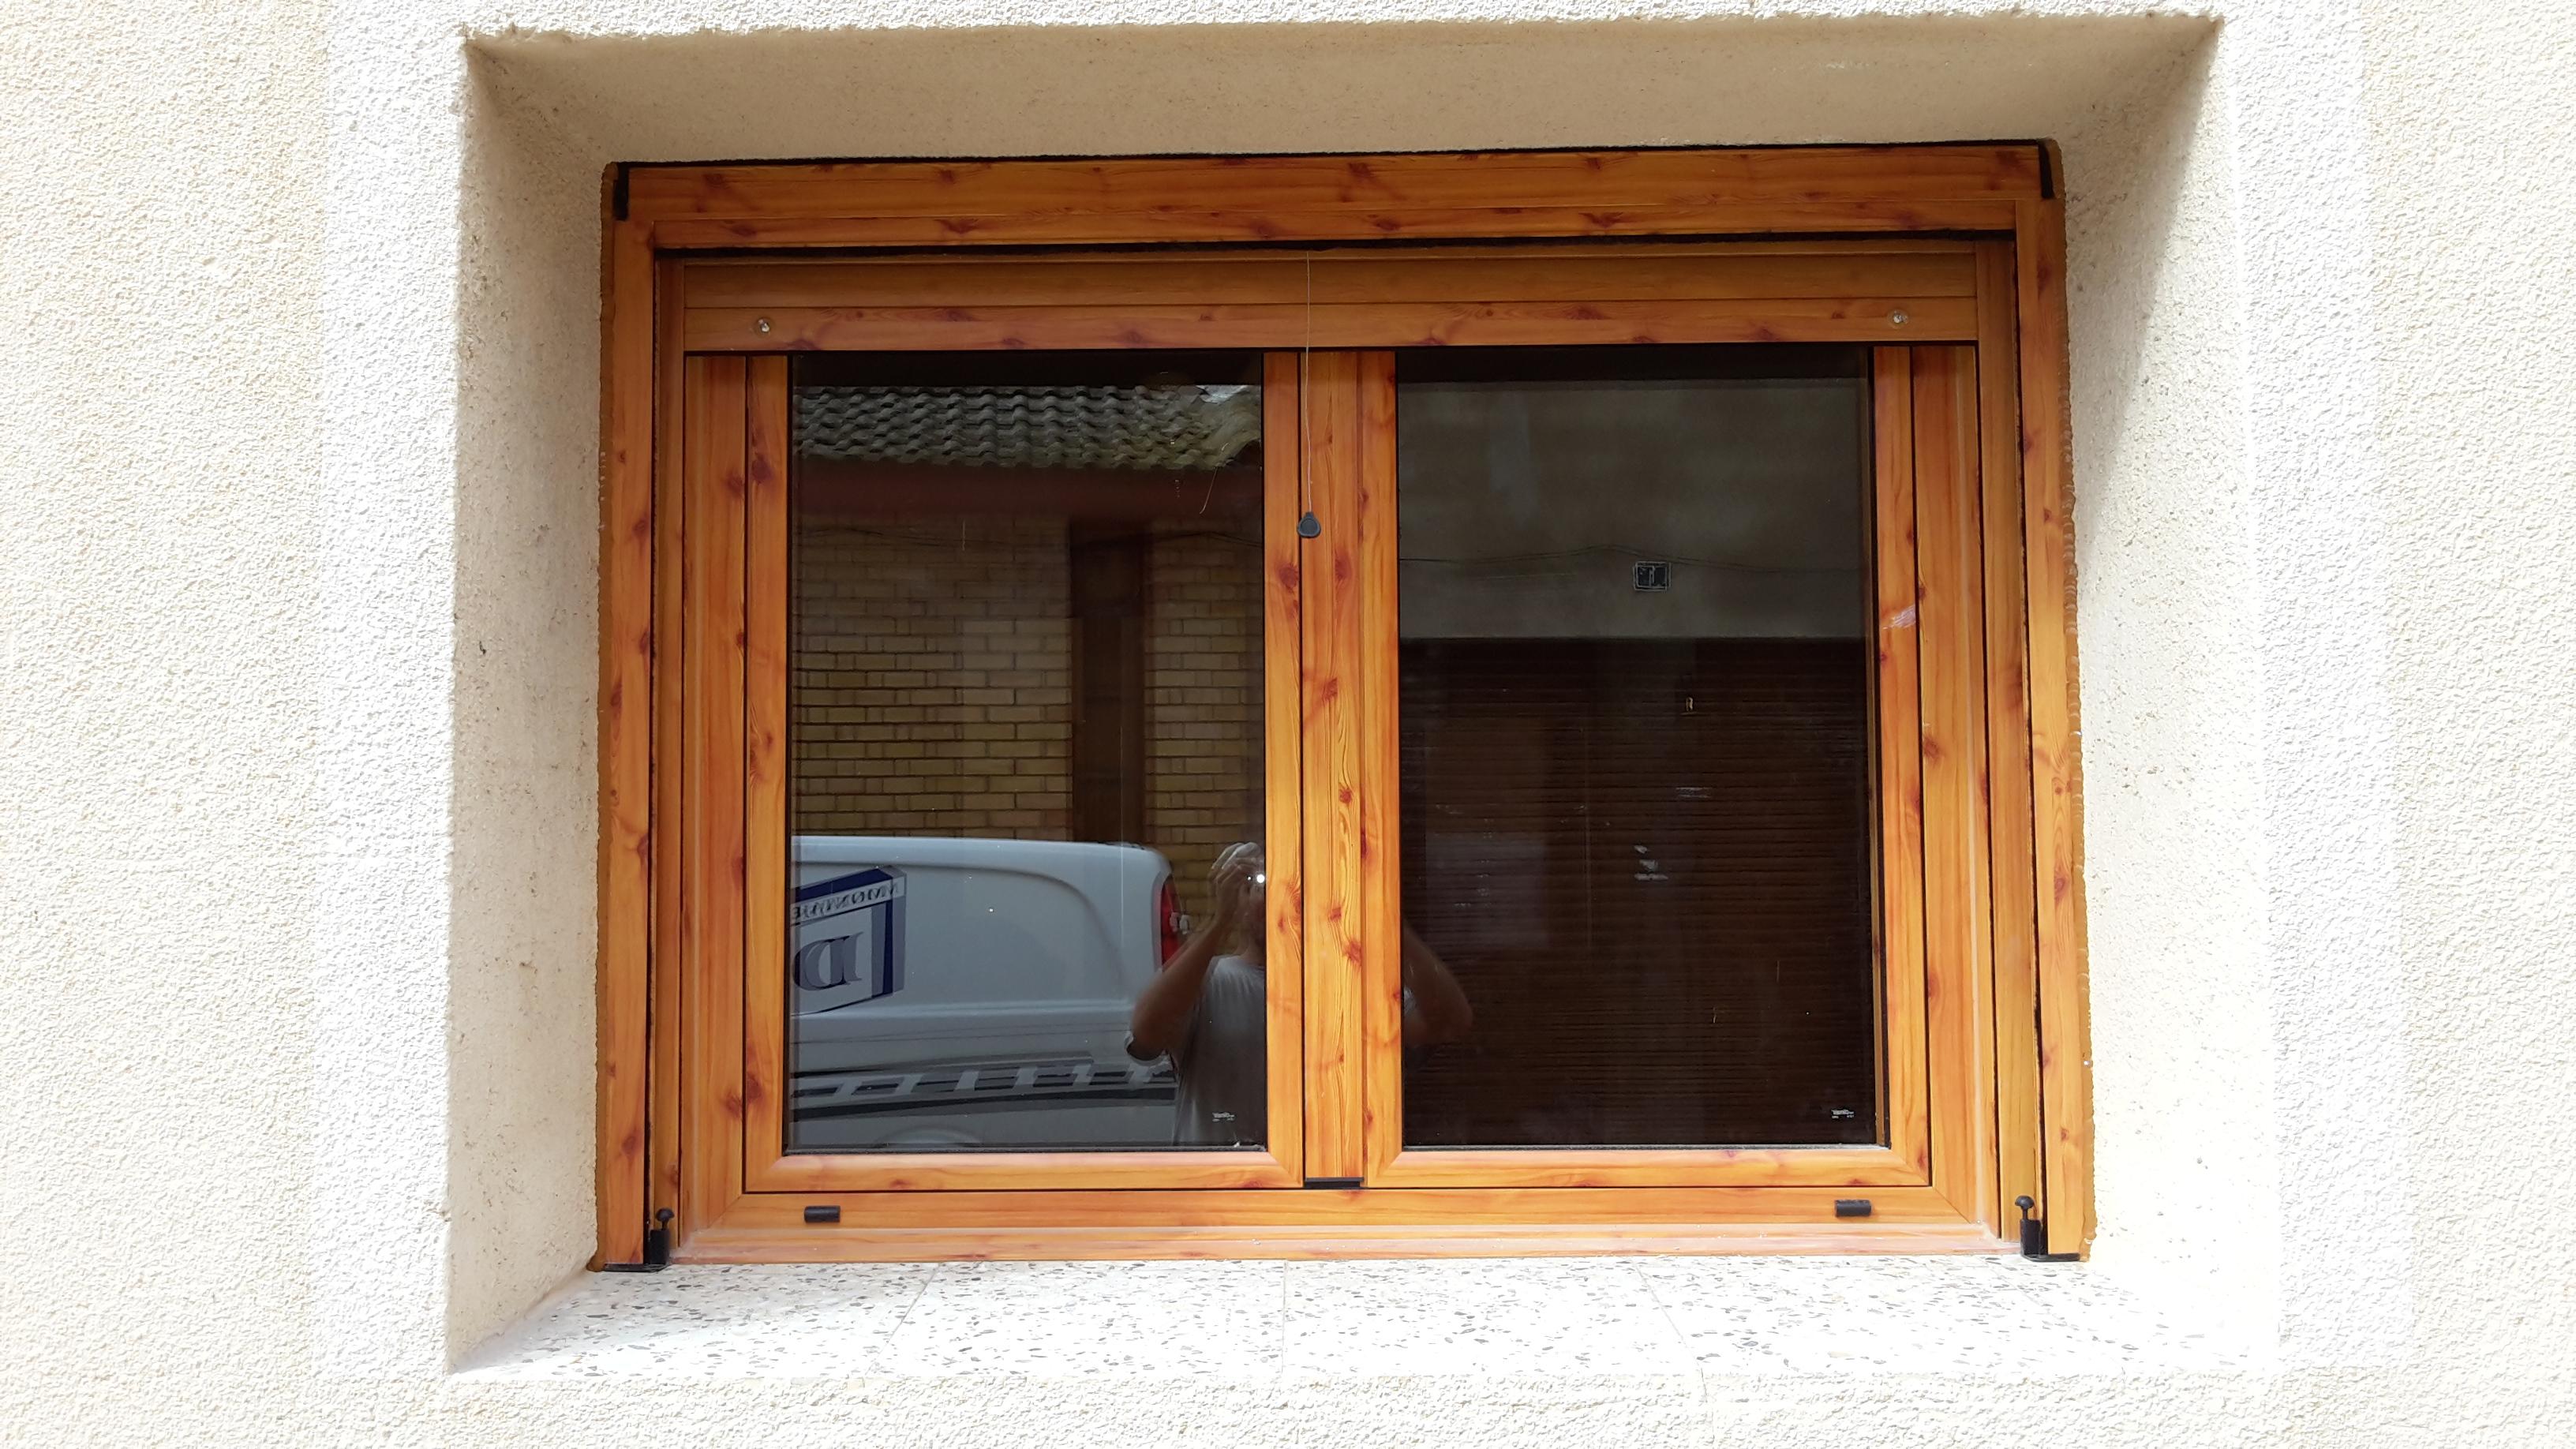 Montaje ventanas de aluminio - Montajes de aluminio DG